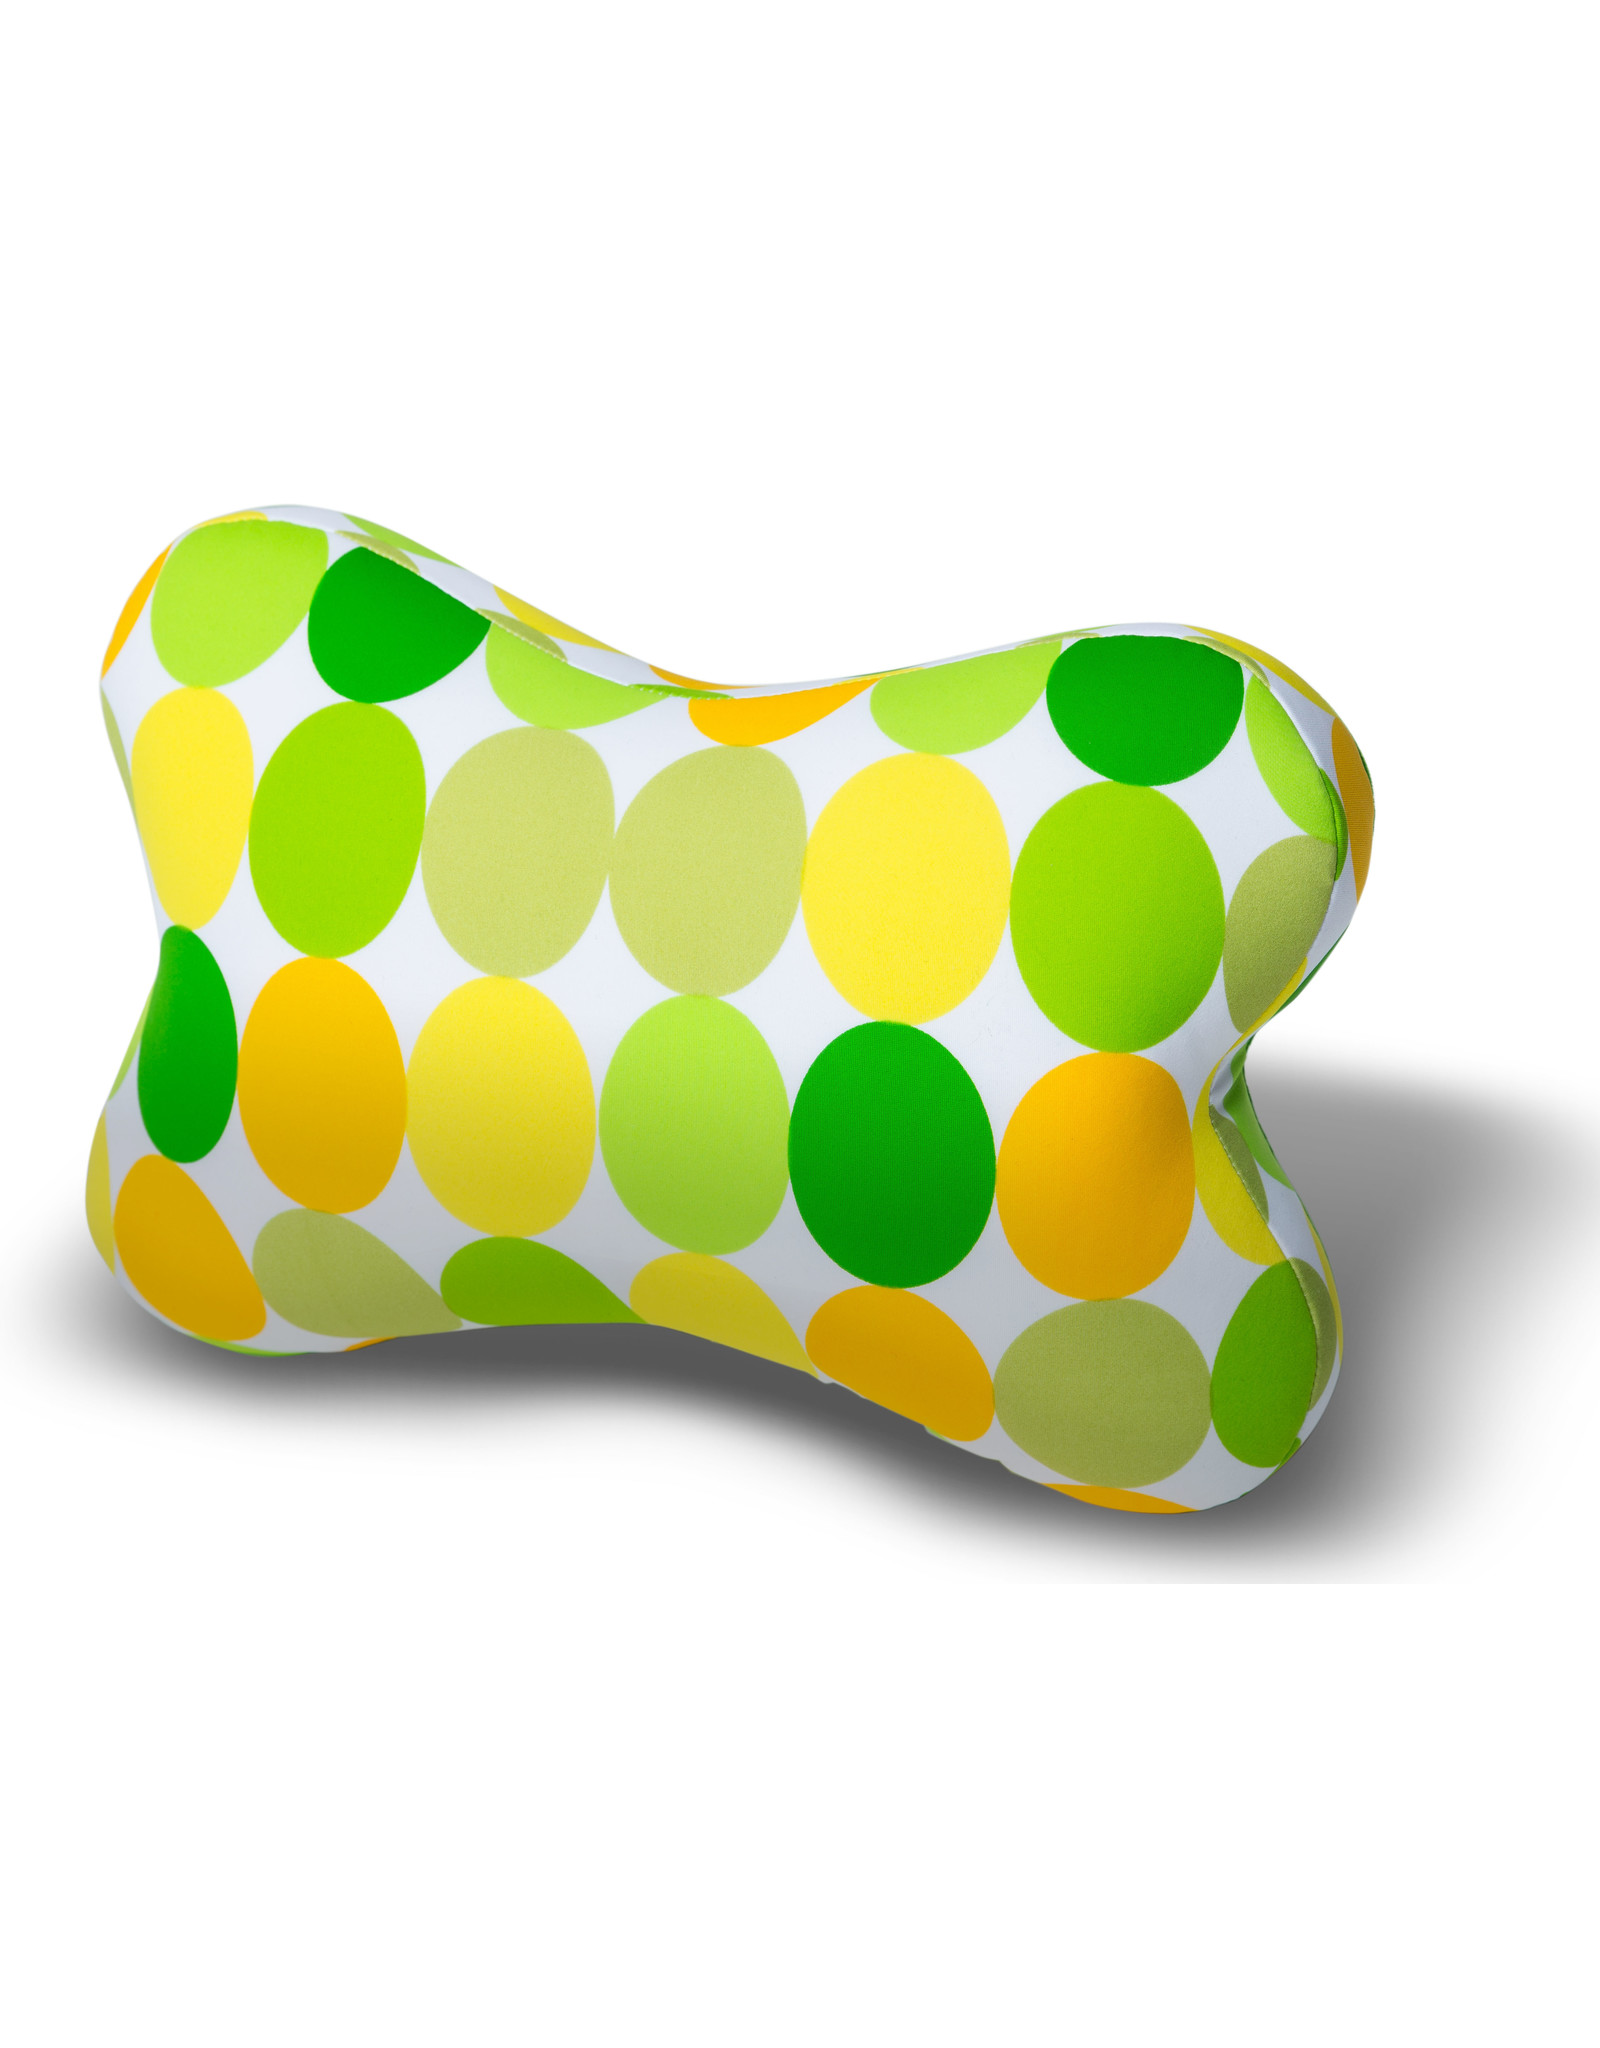 Kuschel-Maxx Kuschel-Maxx - Osso Punkte Gelb